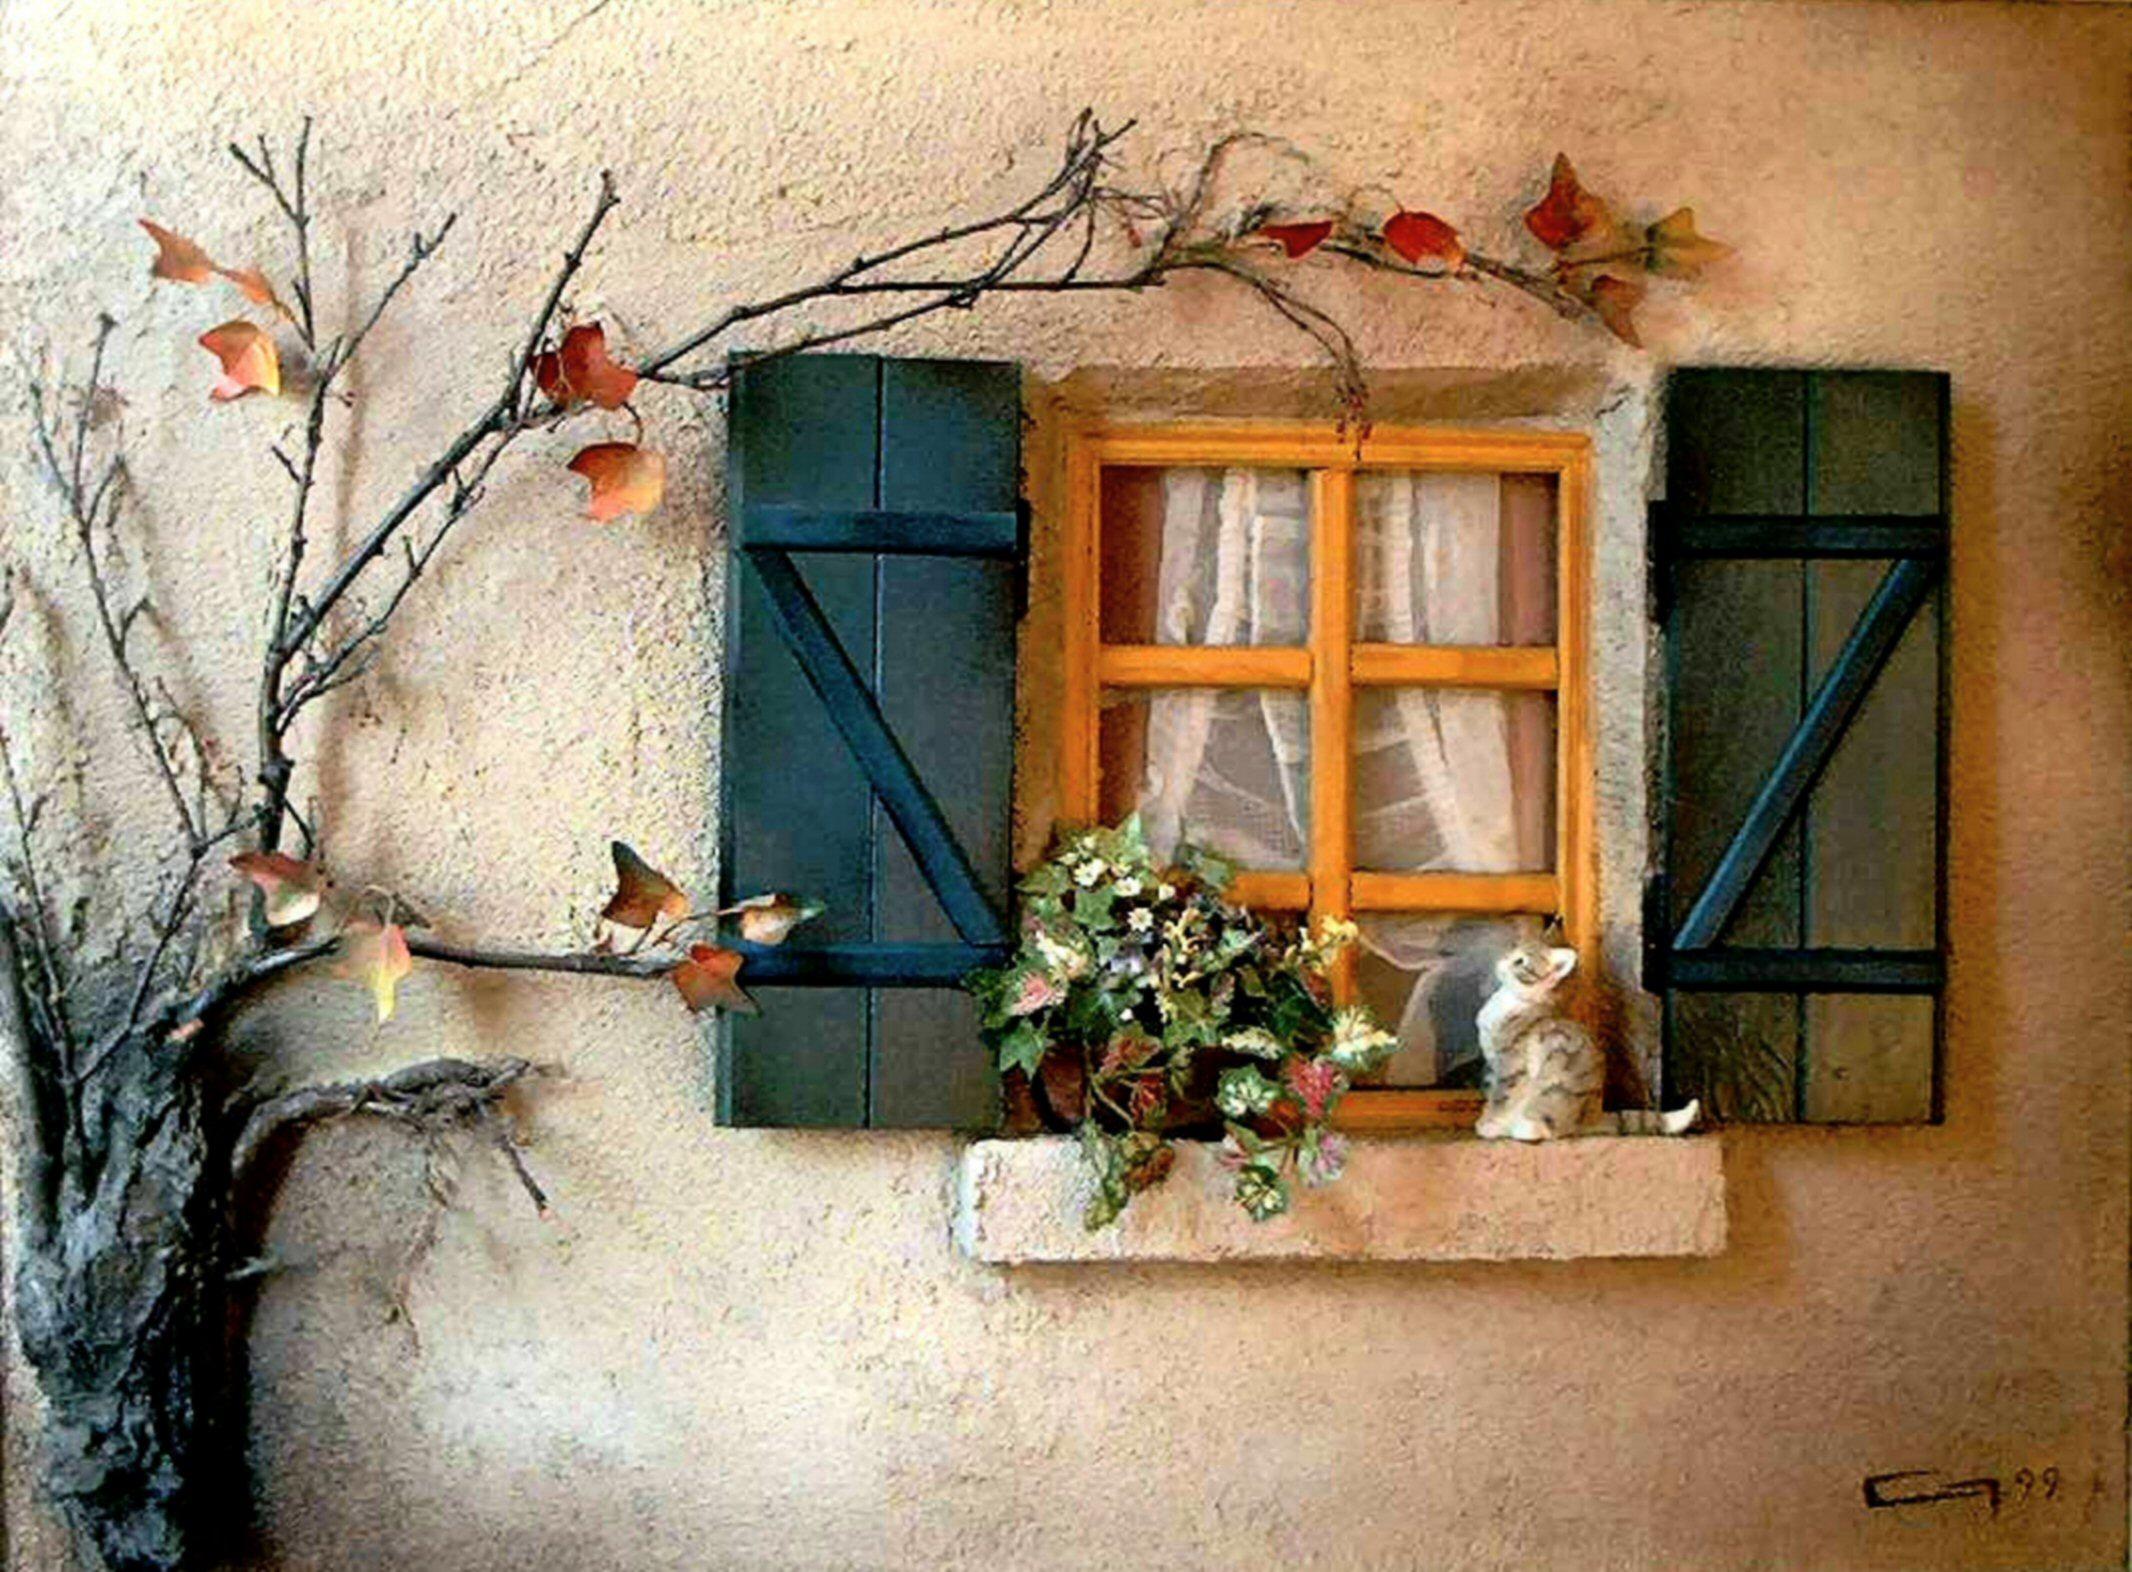 Des fenêtres d'hier et d'aujourd'hui. - Page 2 FENETRE%20AU%20CHAT%20PB